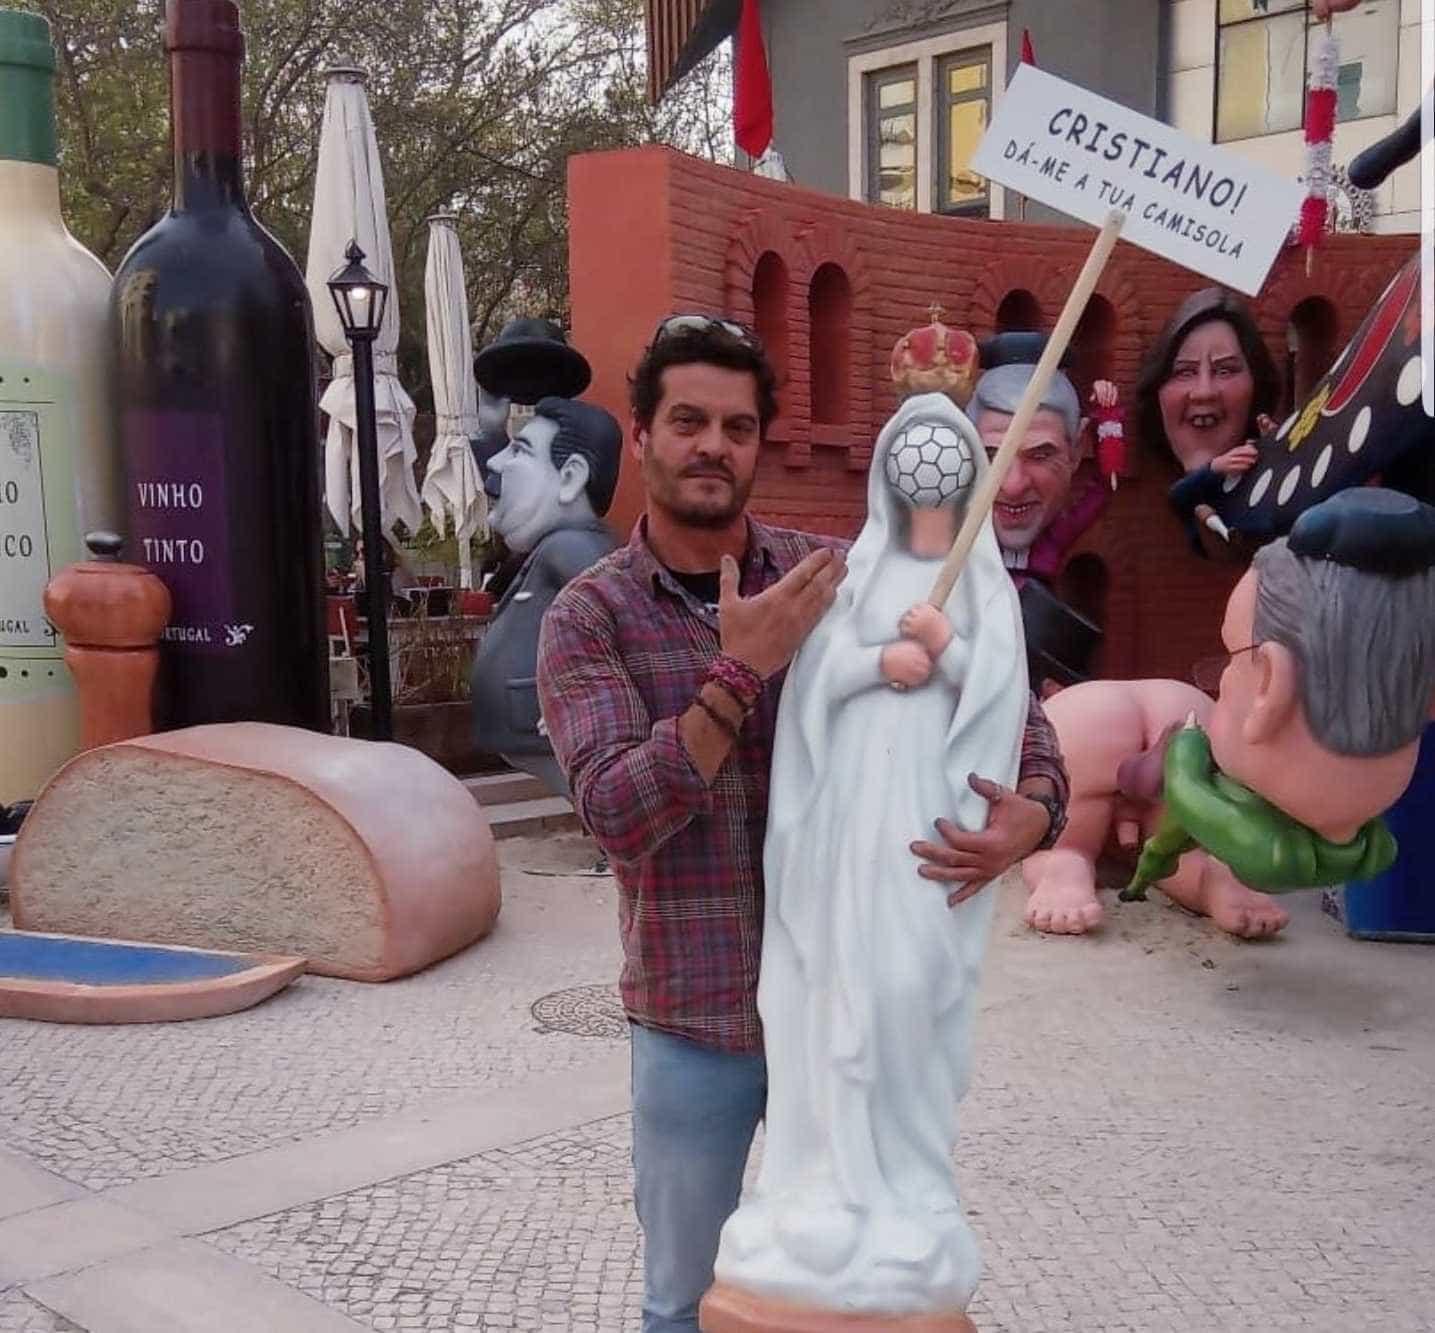 Fãs do Carnaval reagem a polémica com imagem de Nossa Senhora